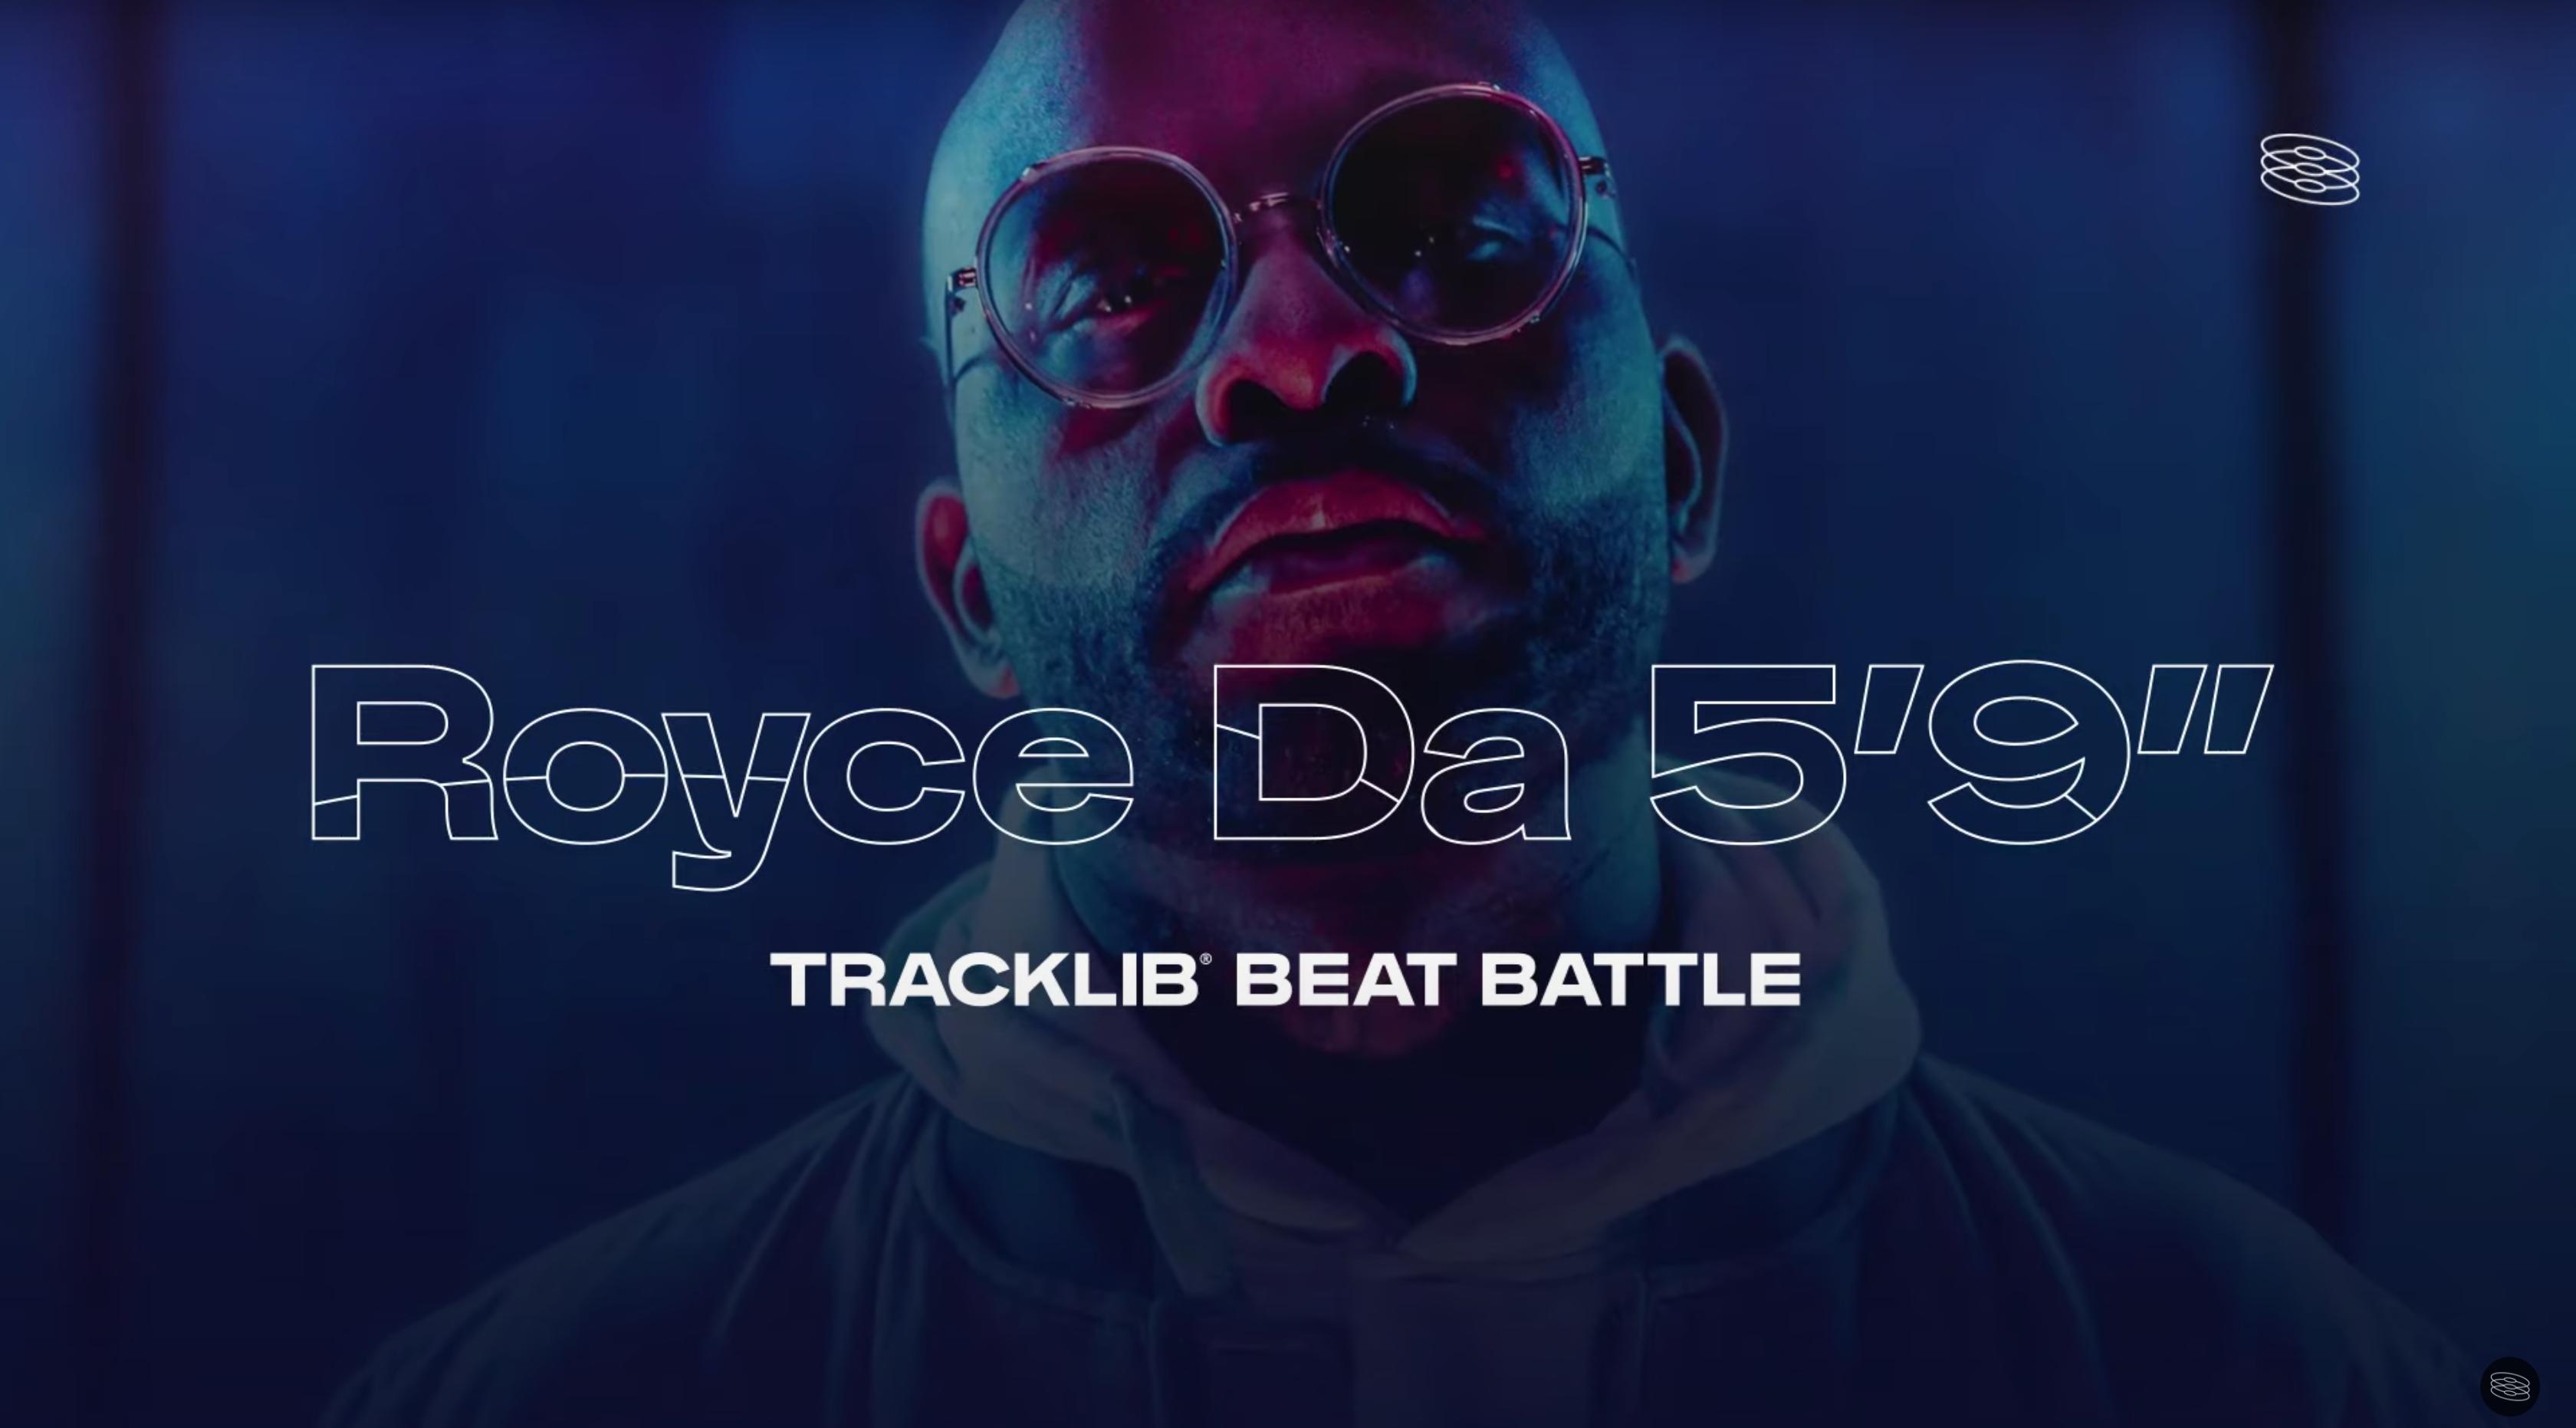 Royce Da 5'9